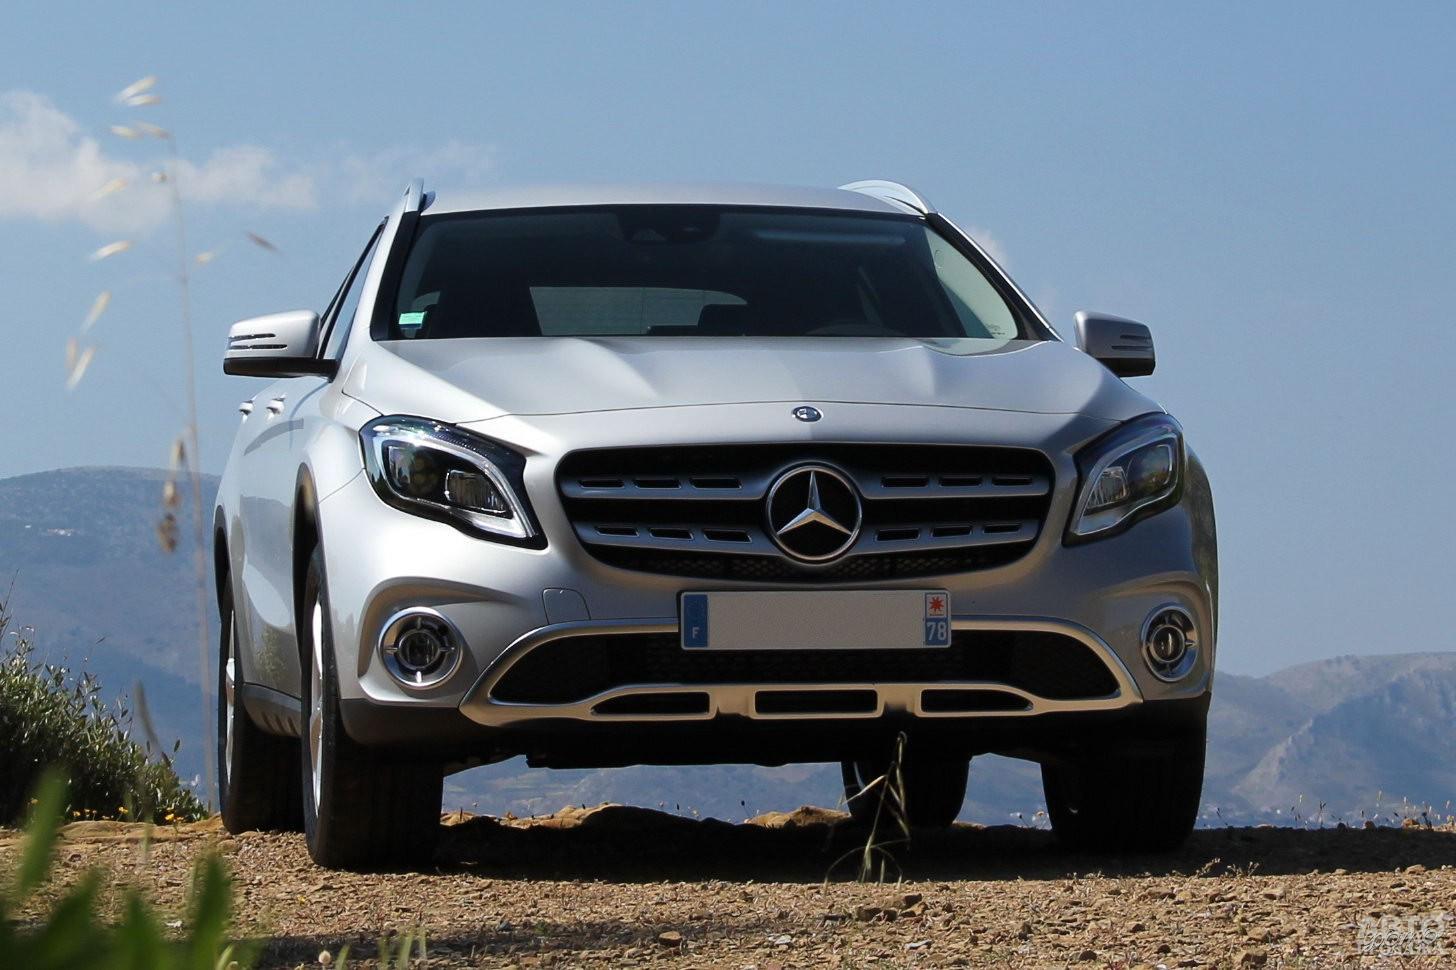 Радиаторная решетка Mercedes-Benz_GLA украшена трехлучевой звездой